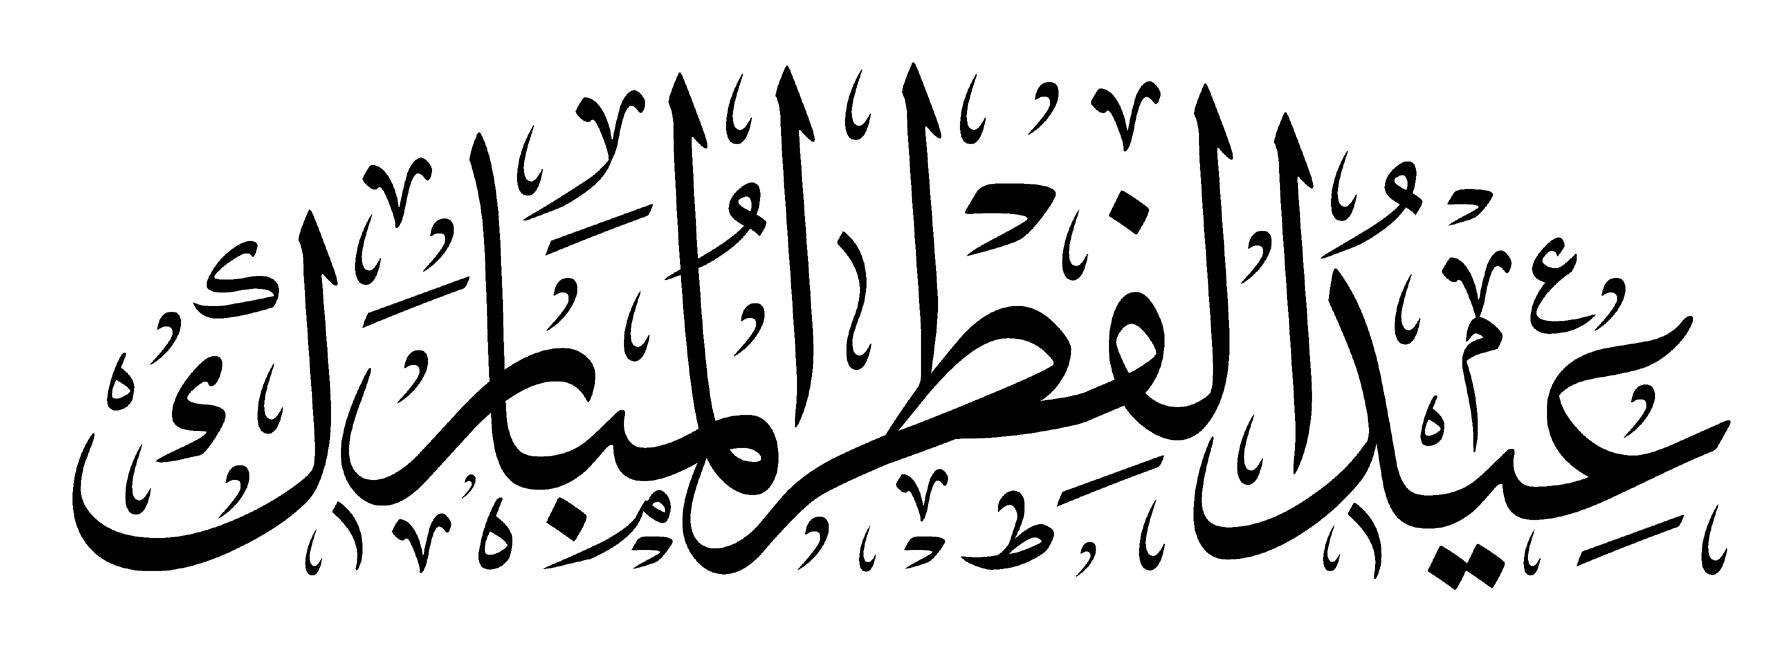 بالصور صور عيد الفطر السعيد , شاهد مظاهر احتفالات العيد unnamed file 40